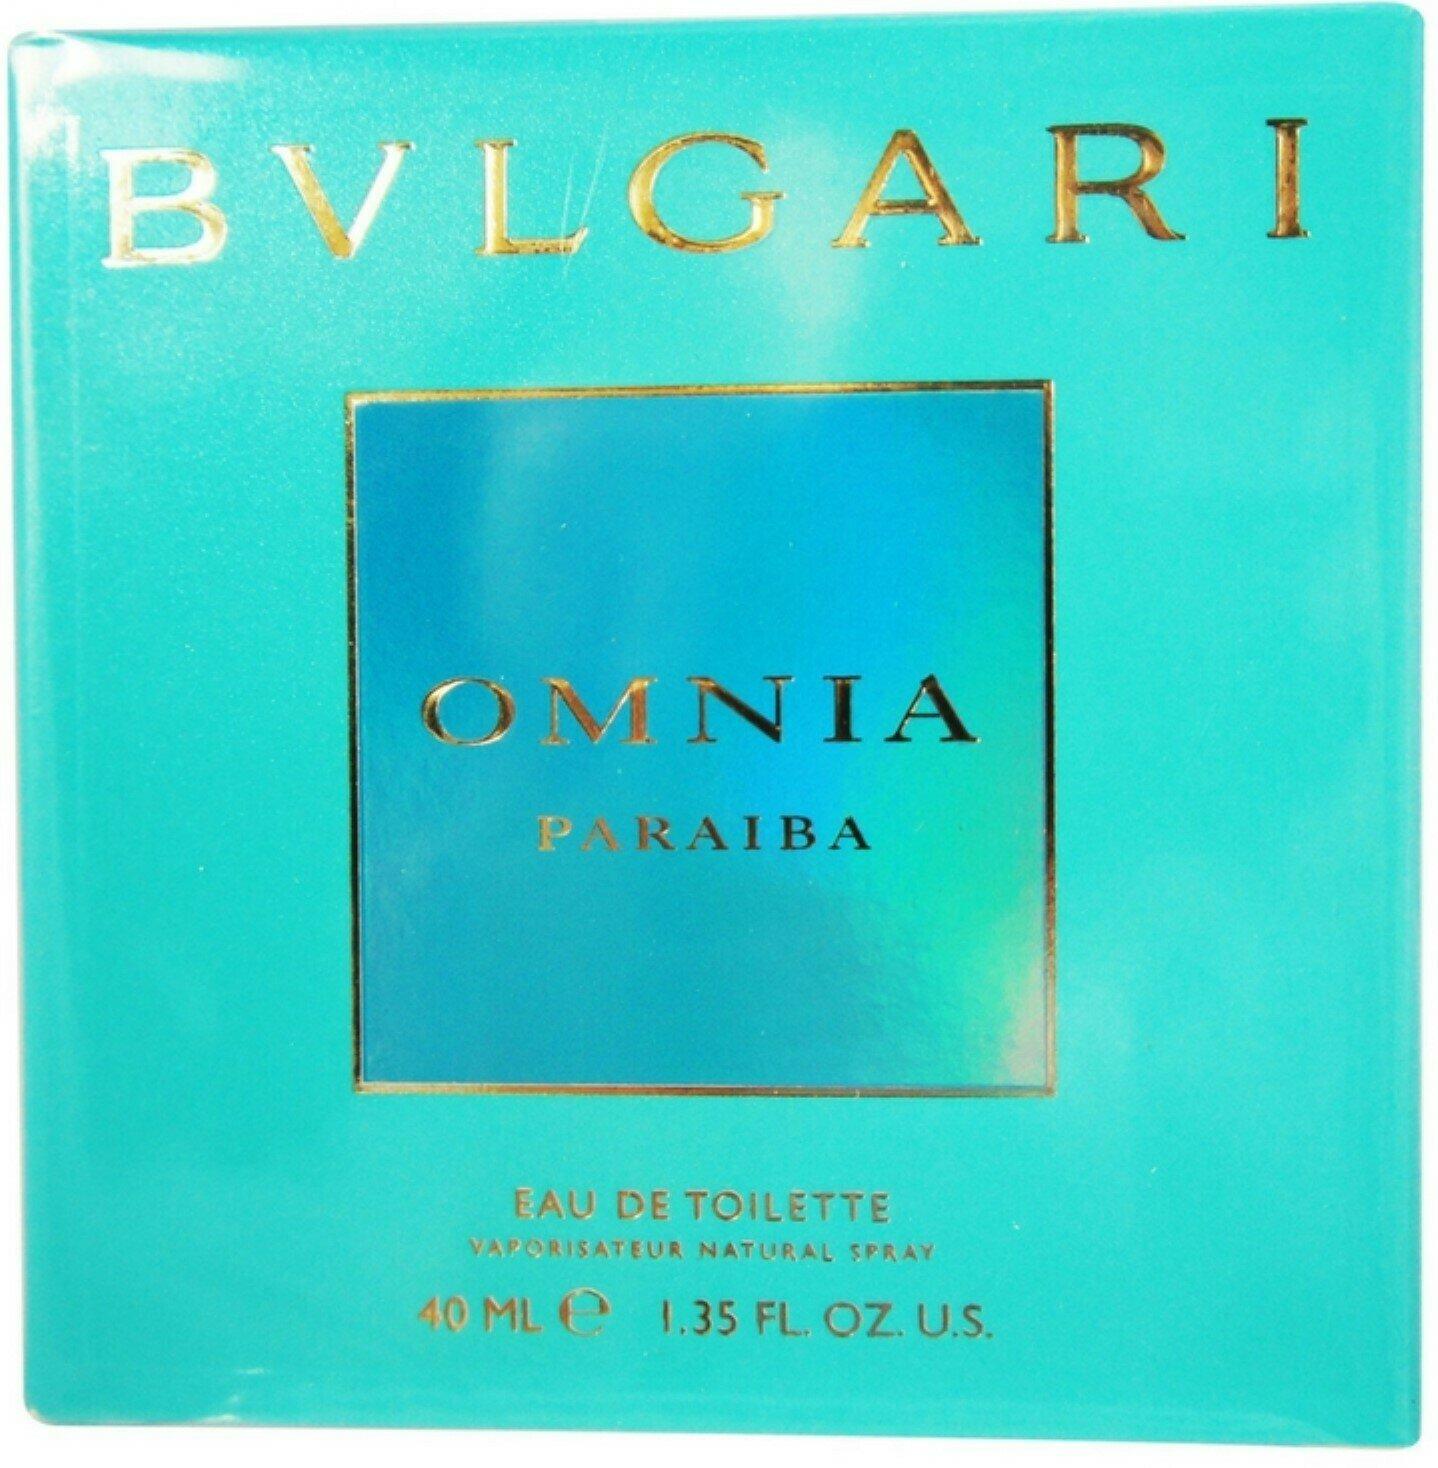 BVLGARI OMNIA PARAIBA FOR WOMAN EDT 40 ML